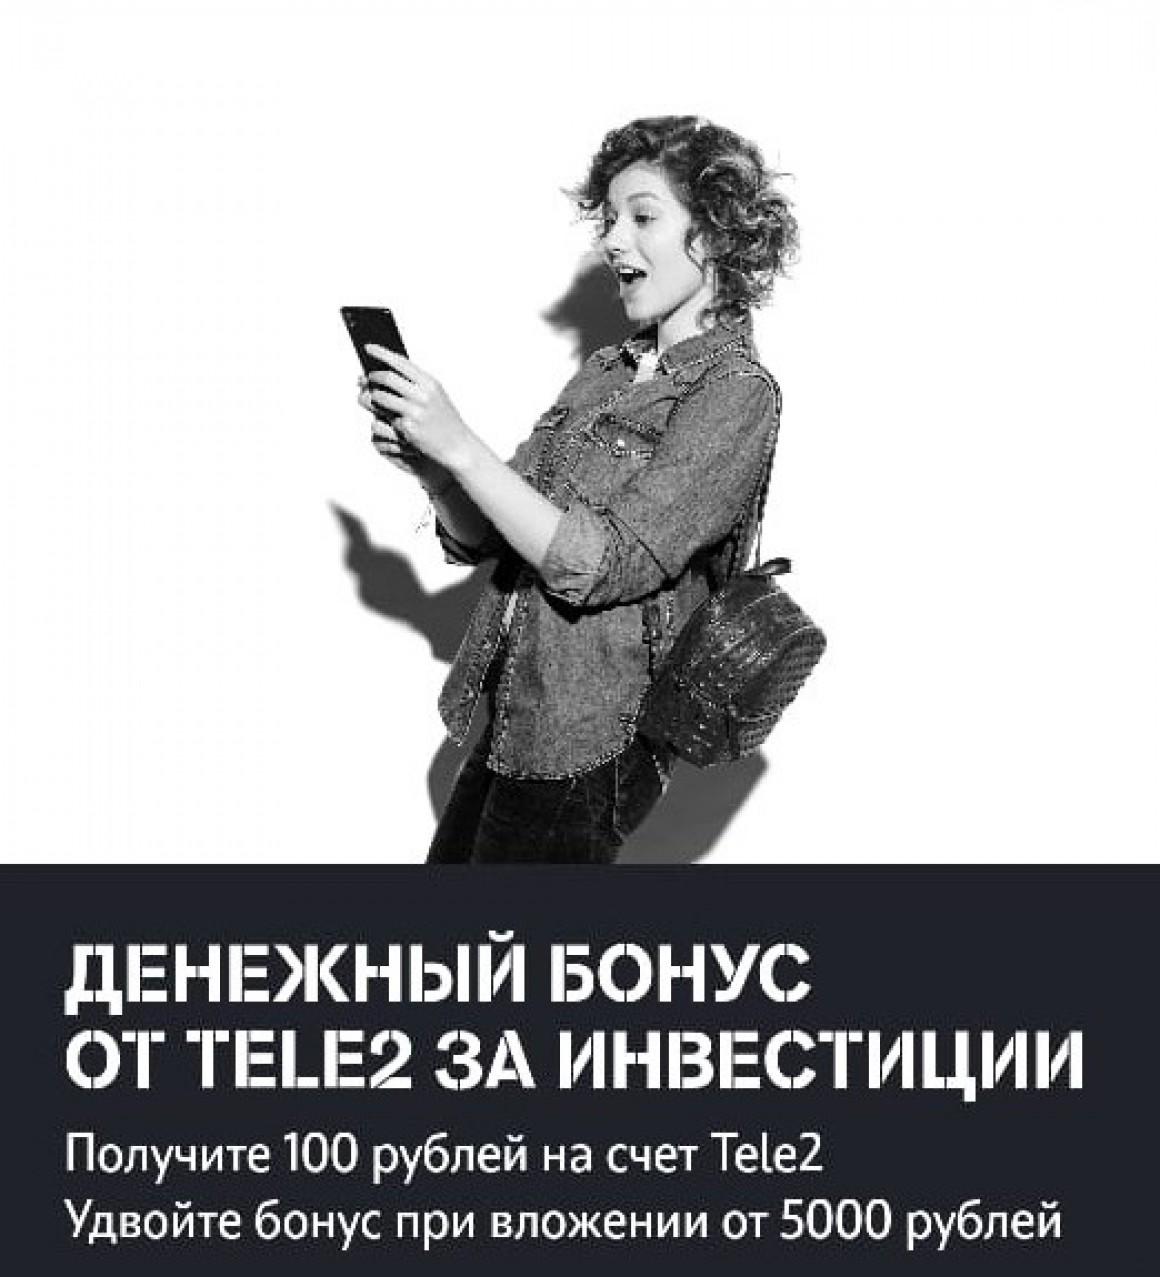 Tele2 помогает инвестировать